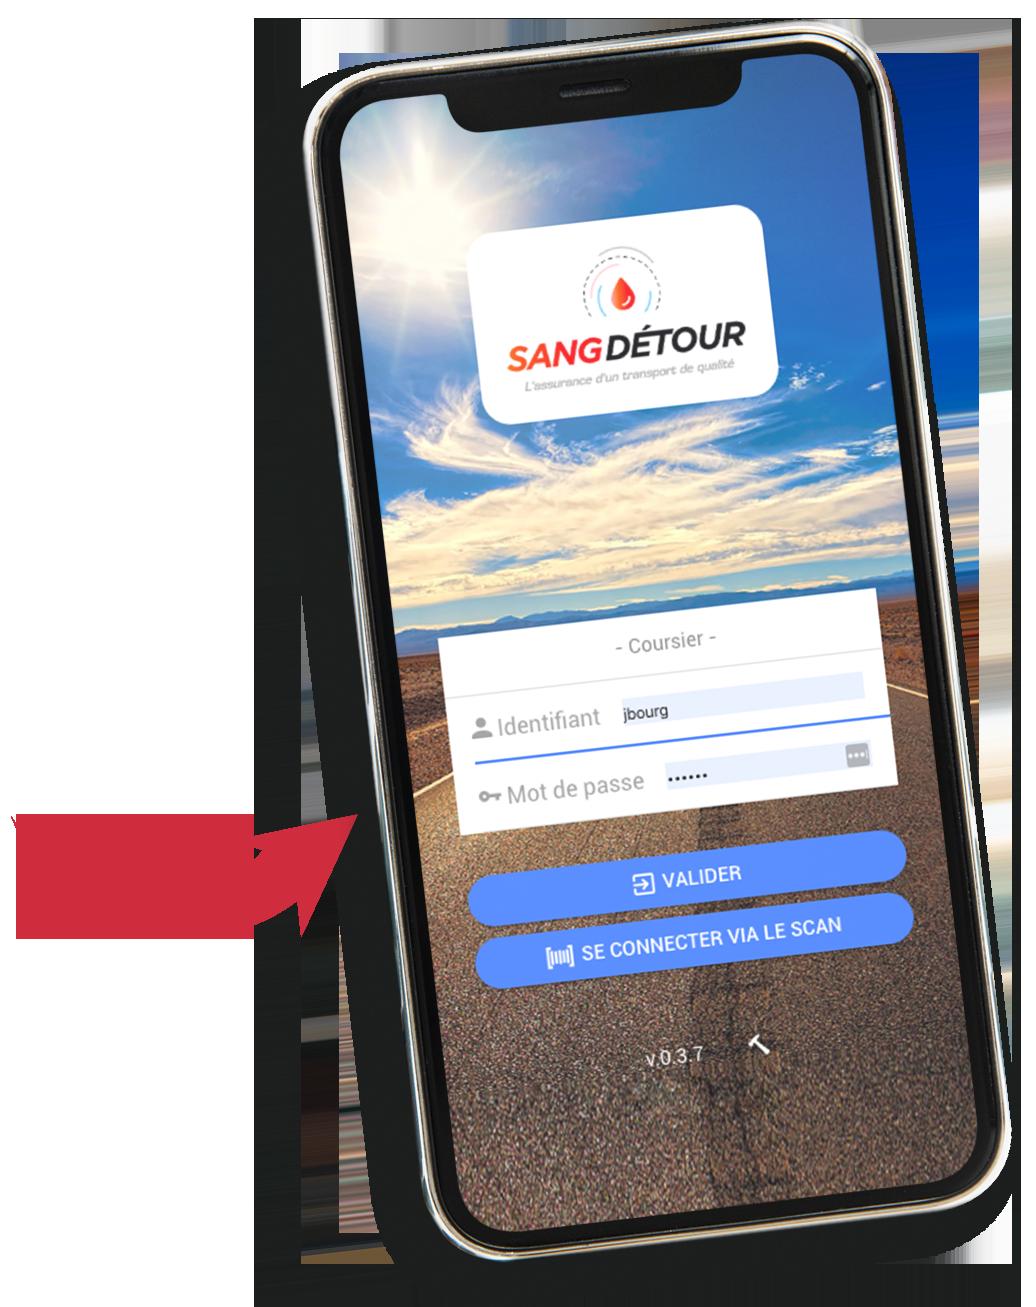 https://sangdetour.fr/wp-content/uploads/2020/01/appli-2.png